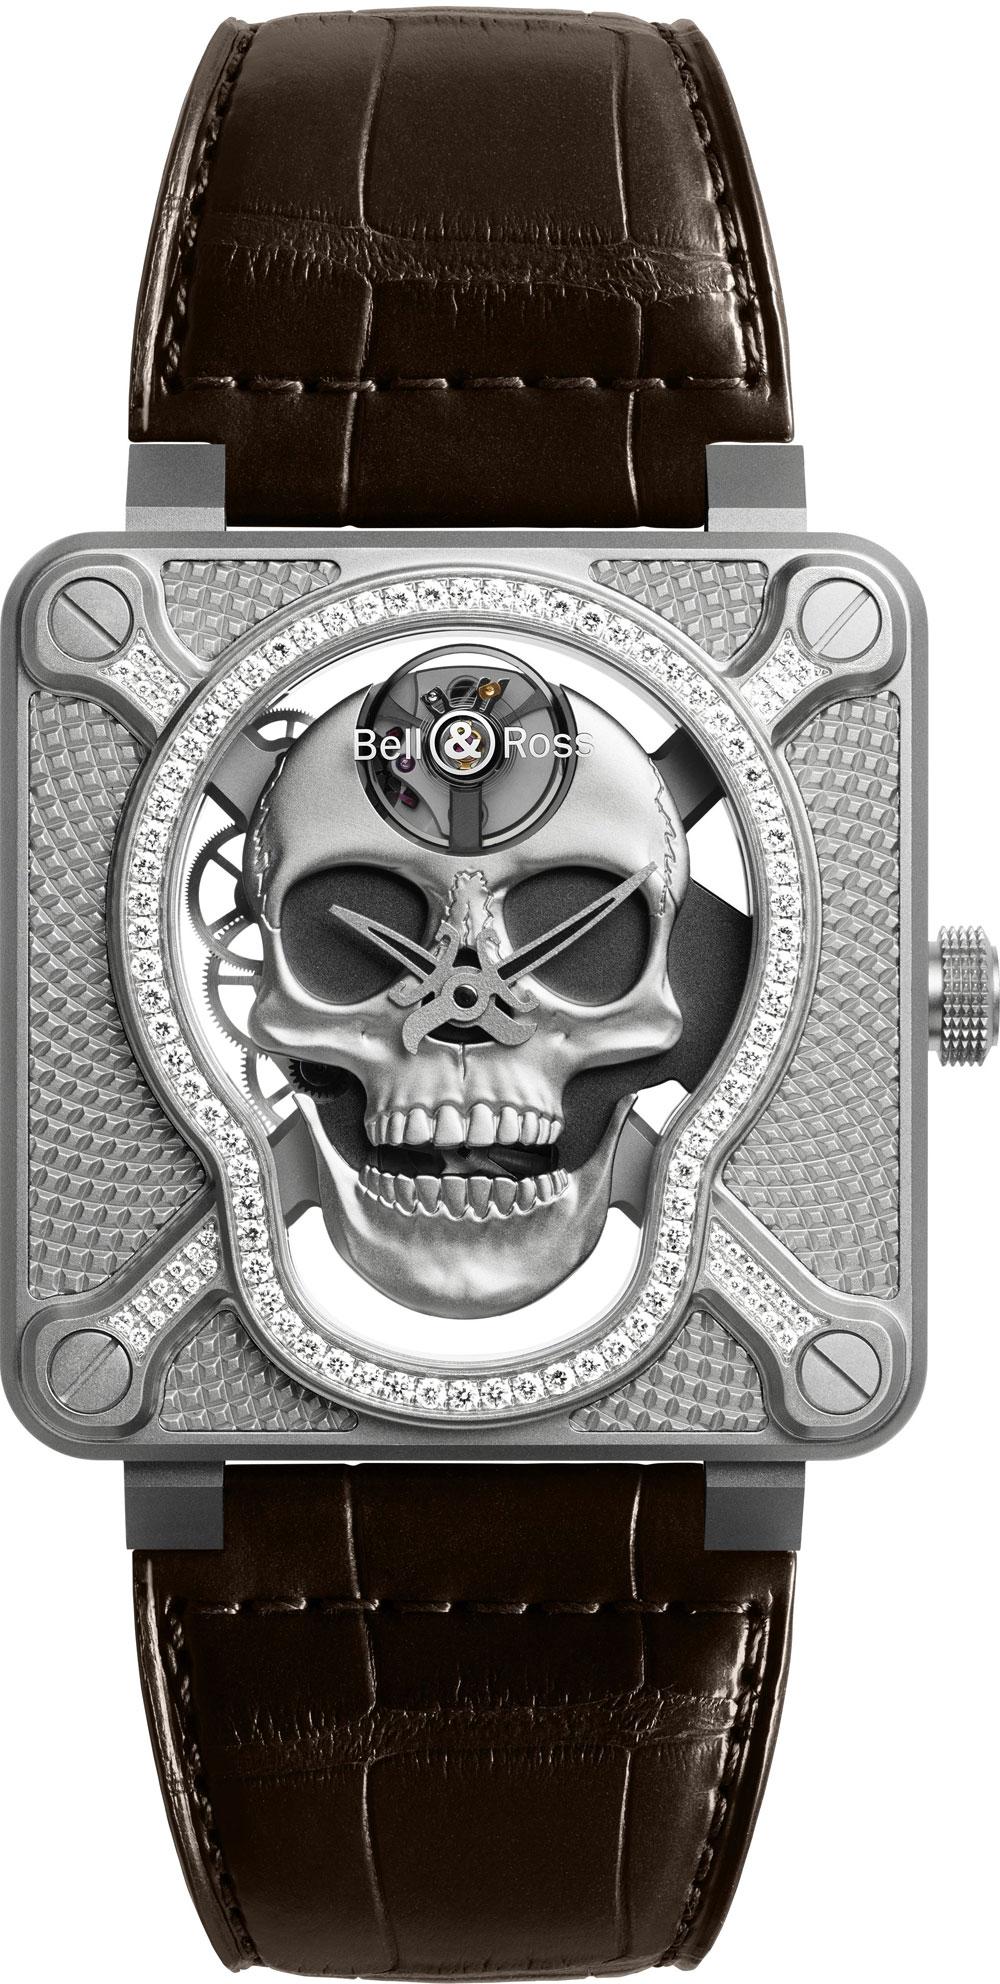 Reloj BR 01 Laughing Skull de Bell & Ross con diamantes en el bisel